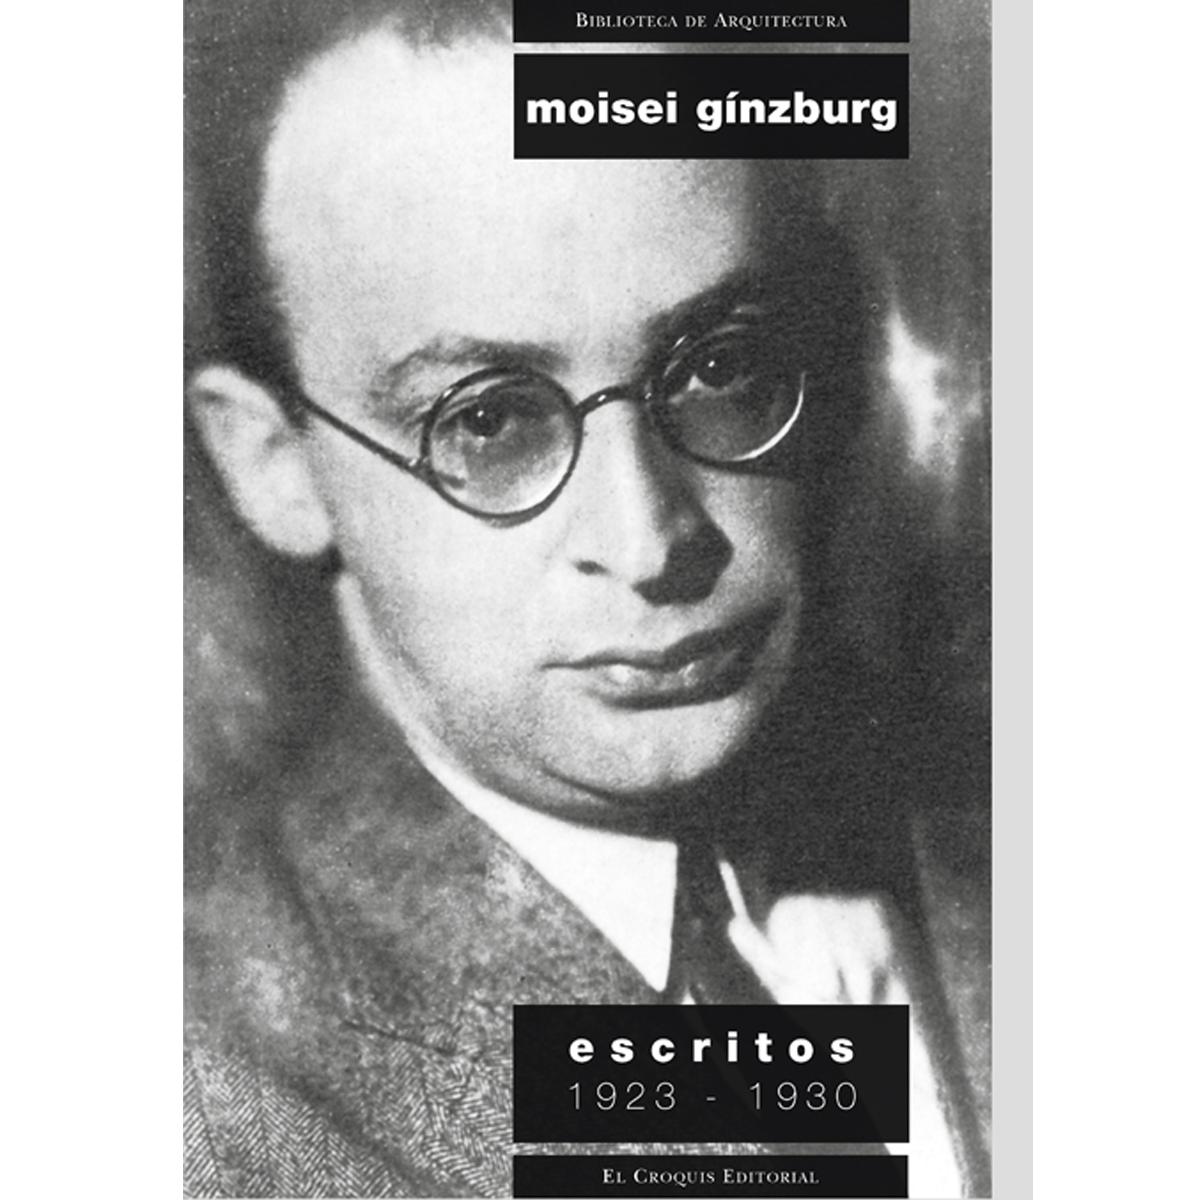 Moisei Gínzburg